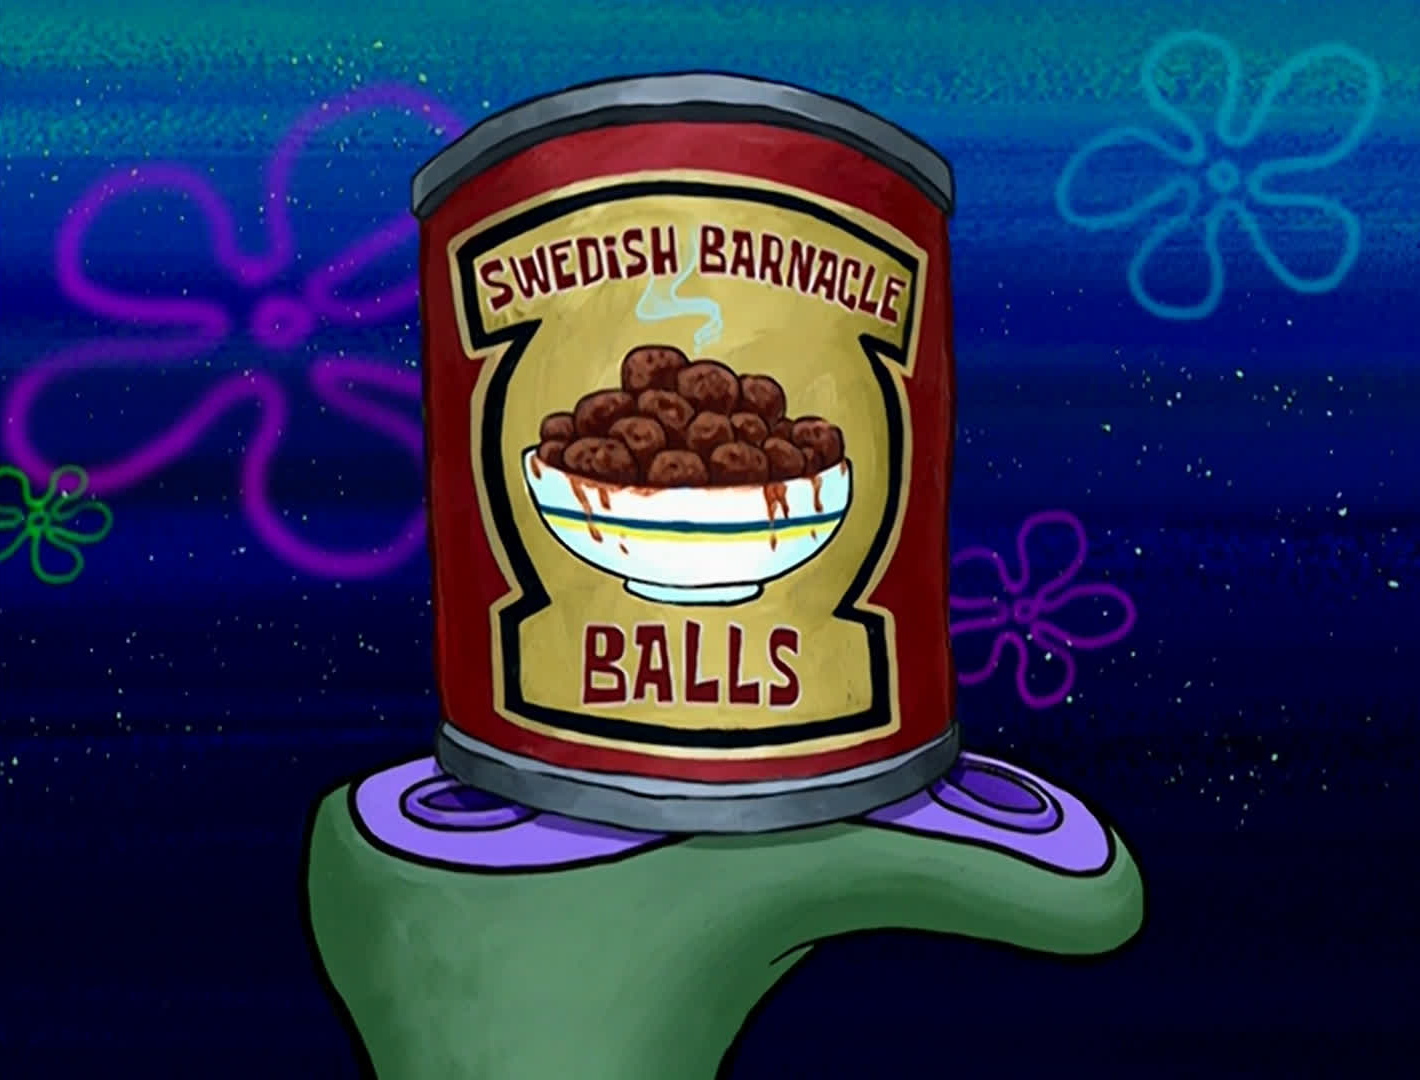 Swedish Barnacle Balls